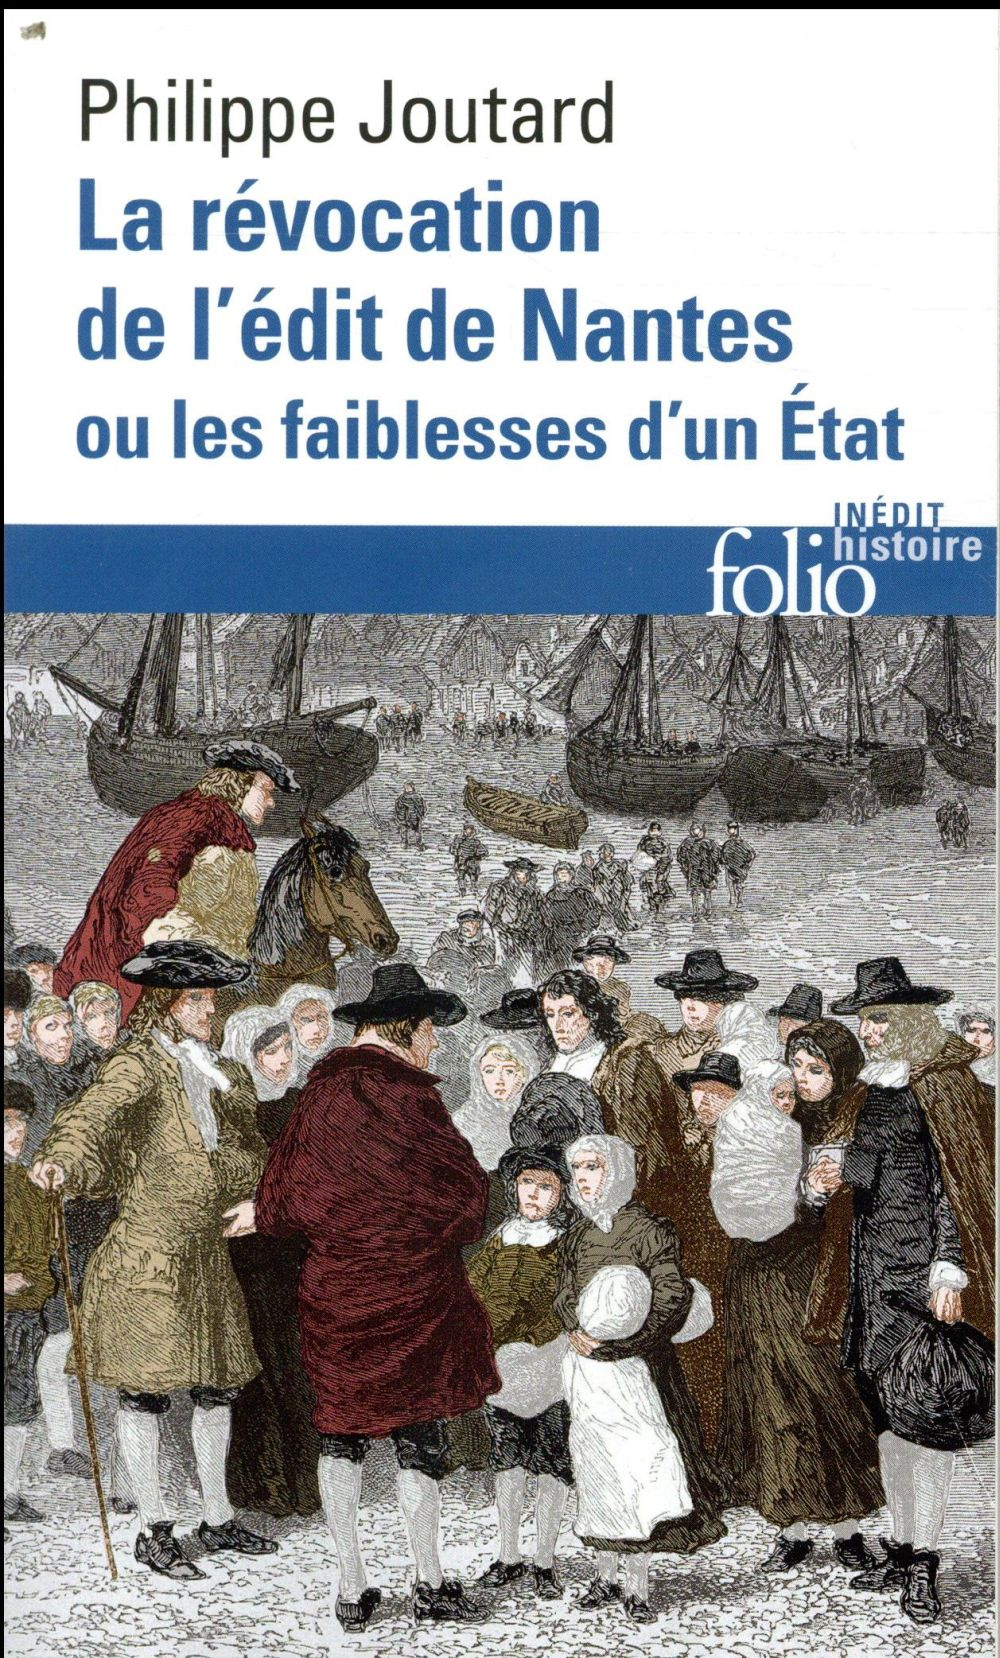 La révocation de l'édit de Nantes ou les faiblesses d'un Etat